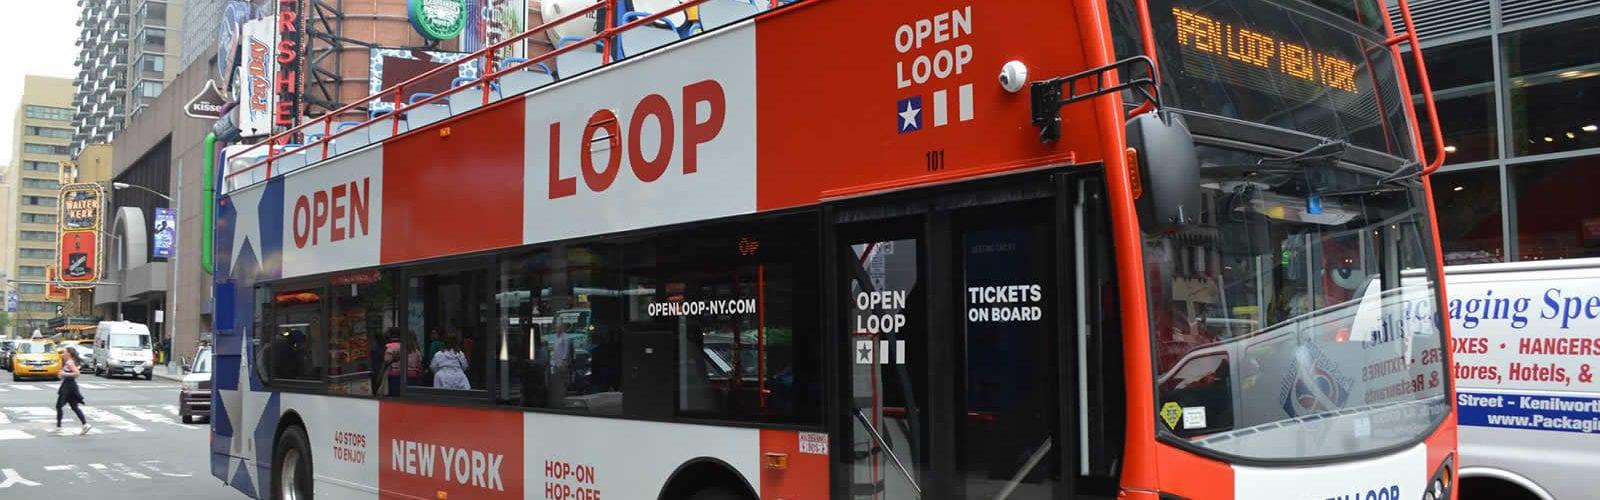 visiter-new-york-bus-open-tour-ratp-une